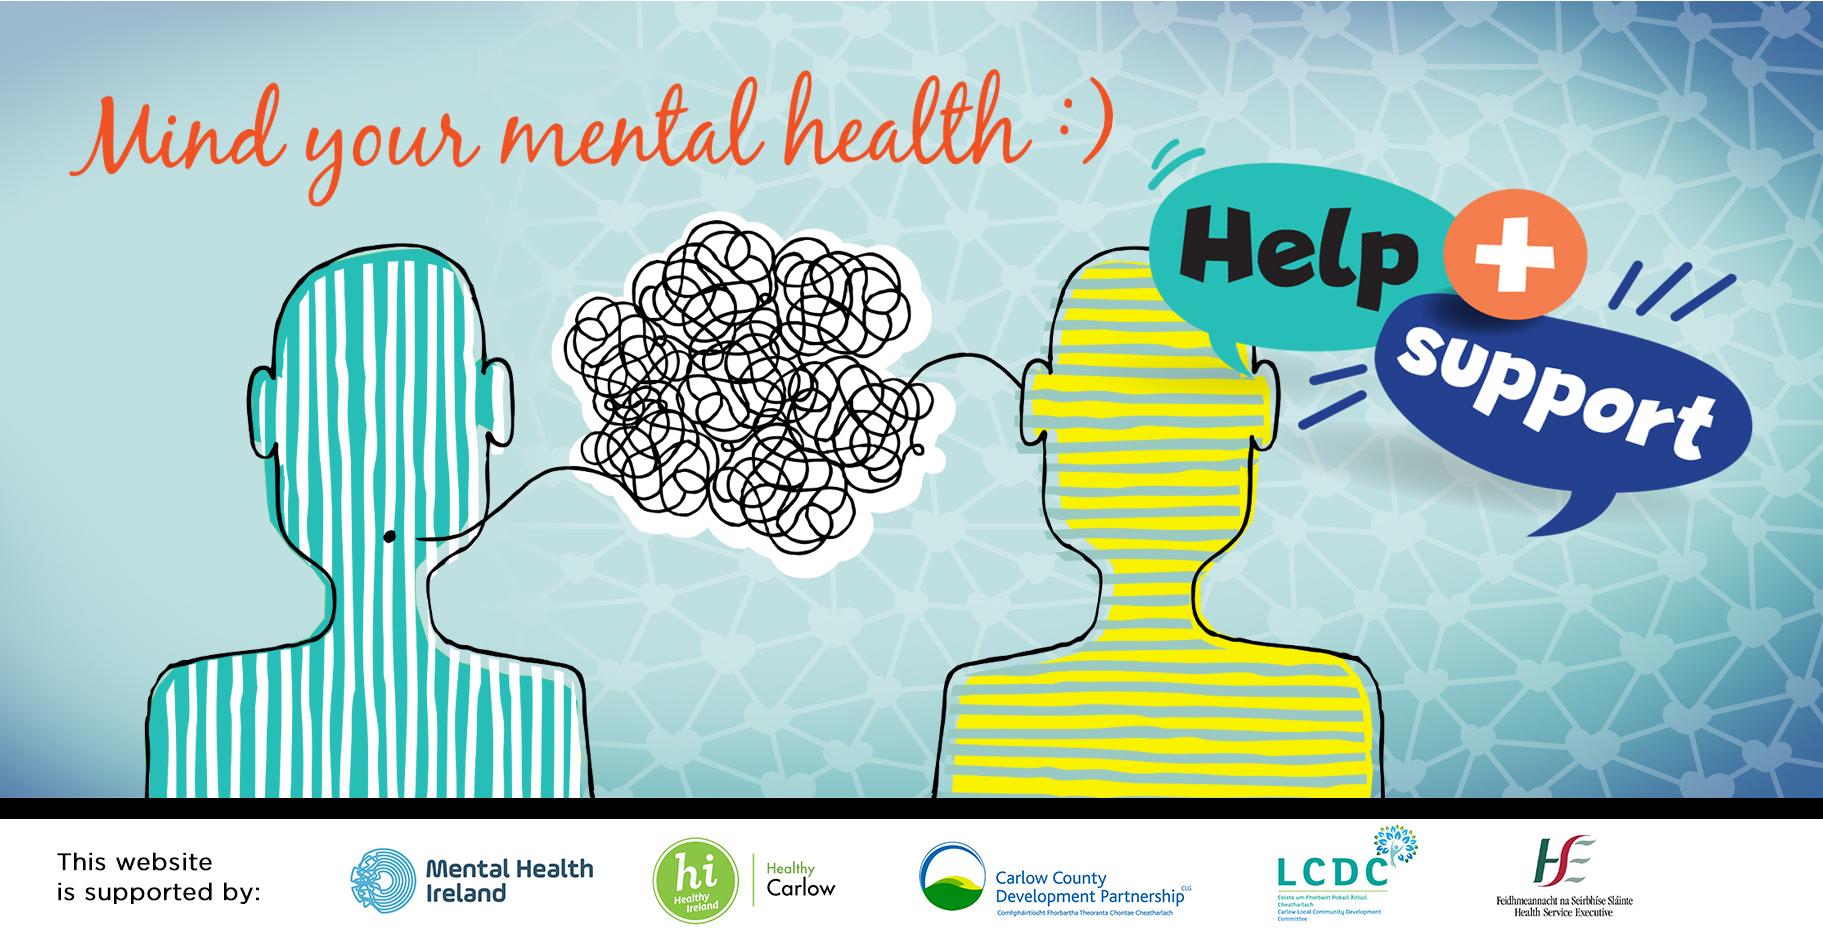 Carlow Mental Health